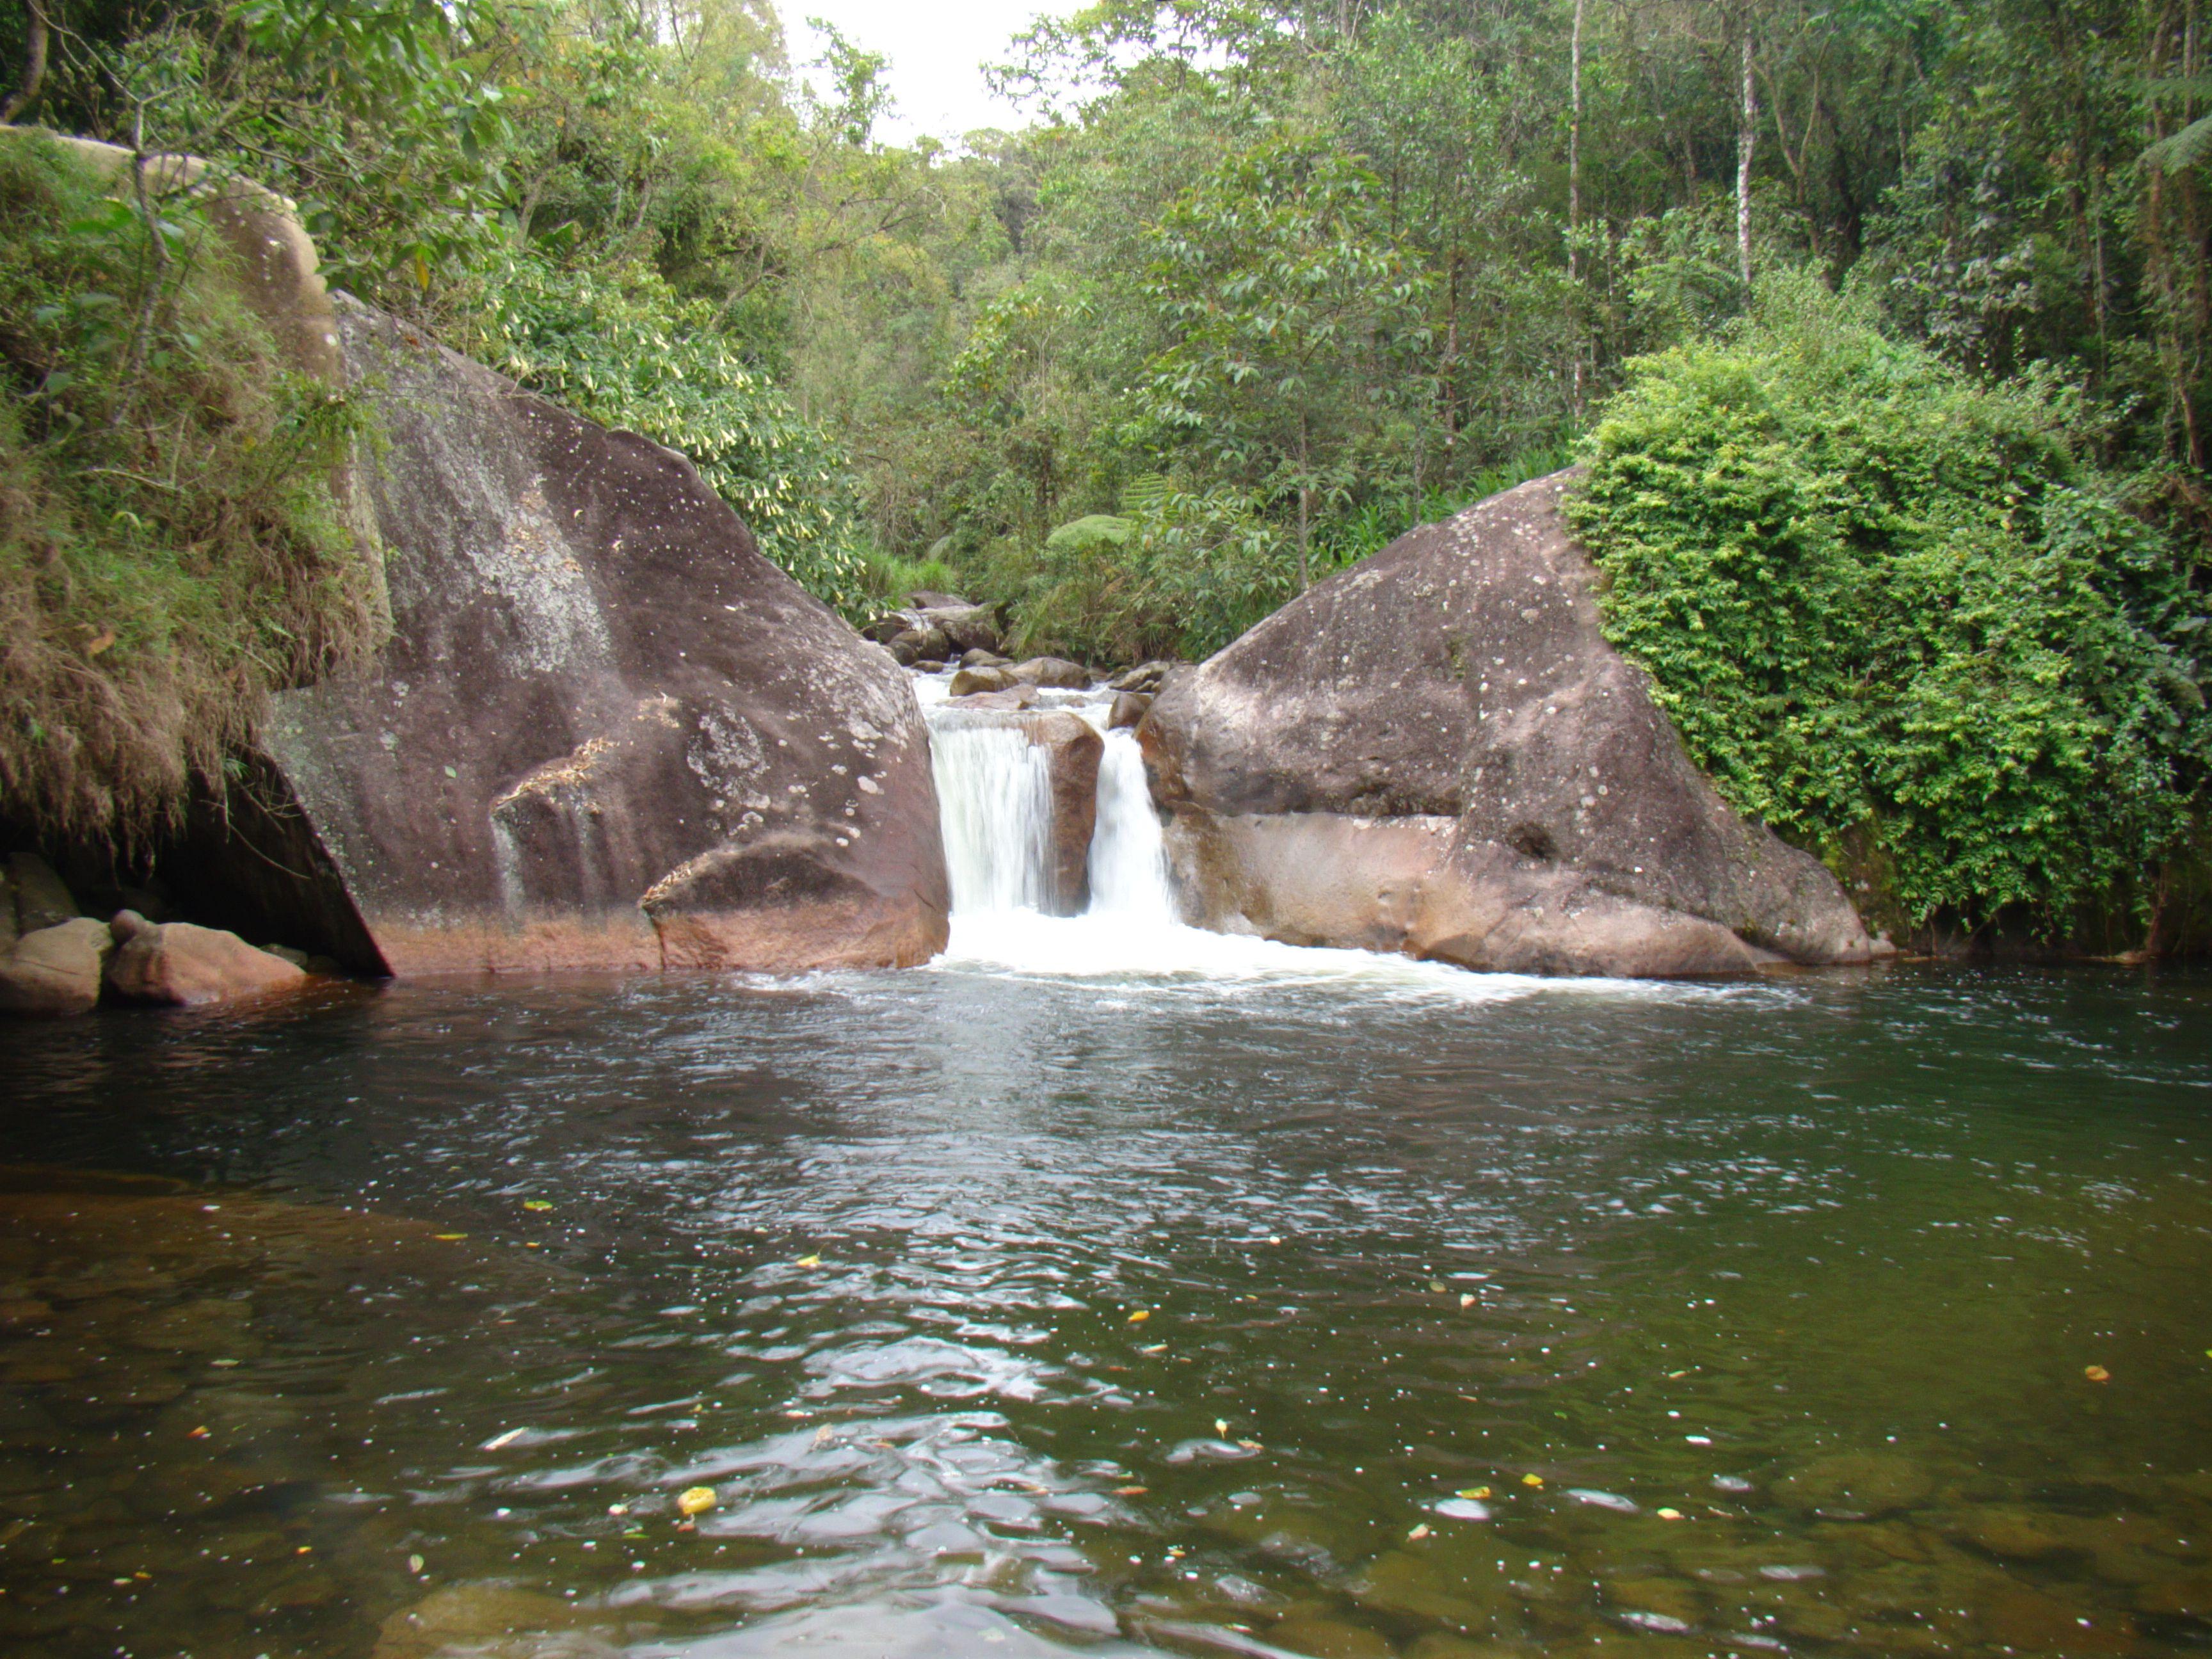 O lago do poção faz parte do cenário da Vila da Maromba, cerca de 2 Km estrada acima. Ideal para banho e saltos, entretanto vale o cuidado de não se aventurar tanto. Observar os moradores da região é uma boa pedida de segurança.